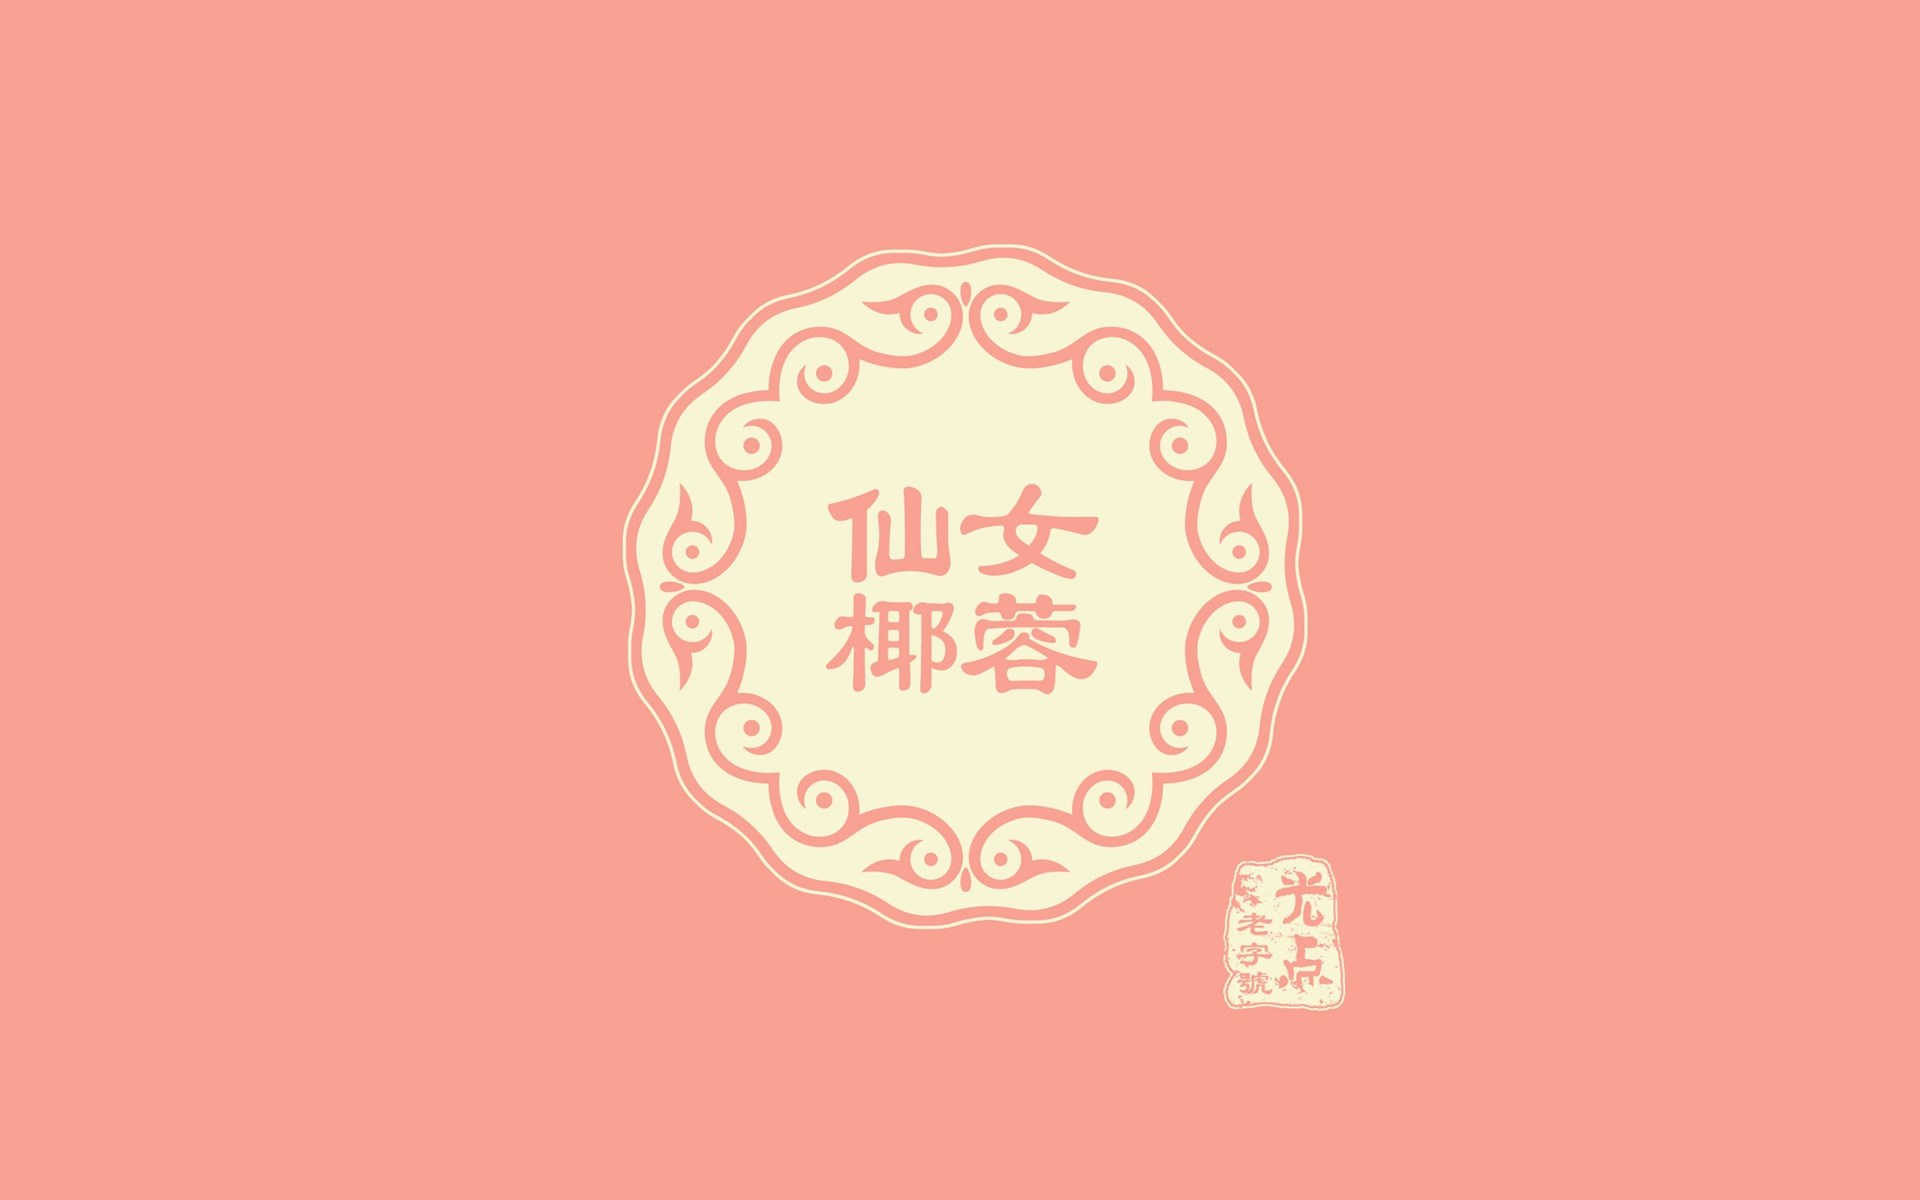 第一辑中秋节文字月饼ppt背景图片下载